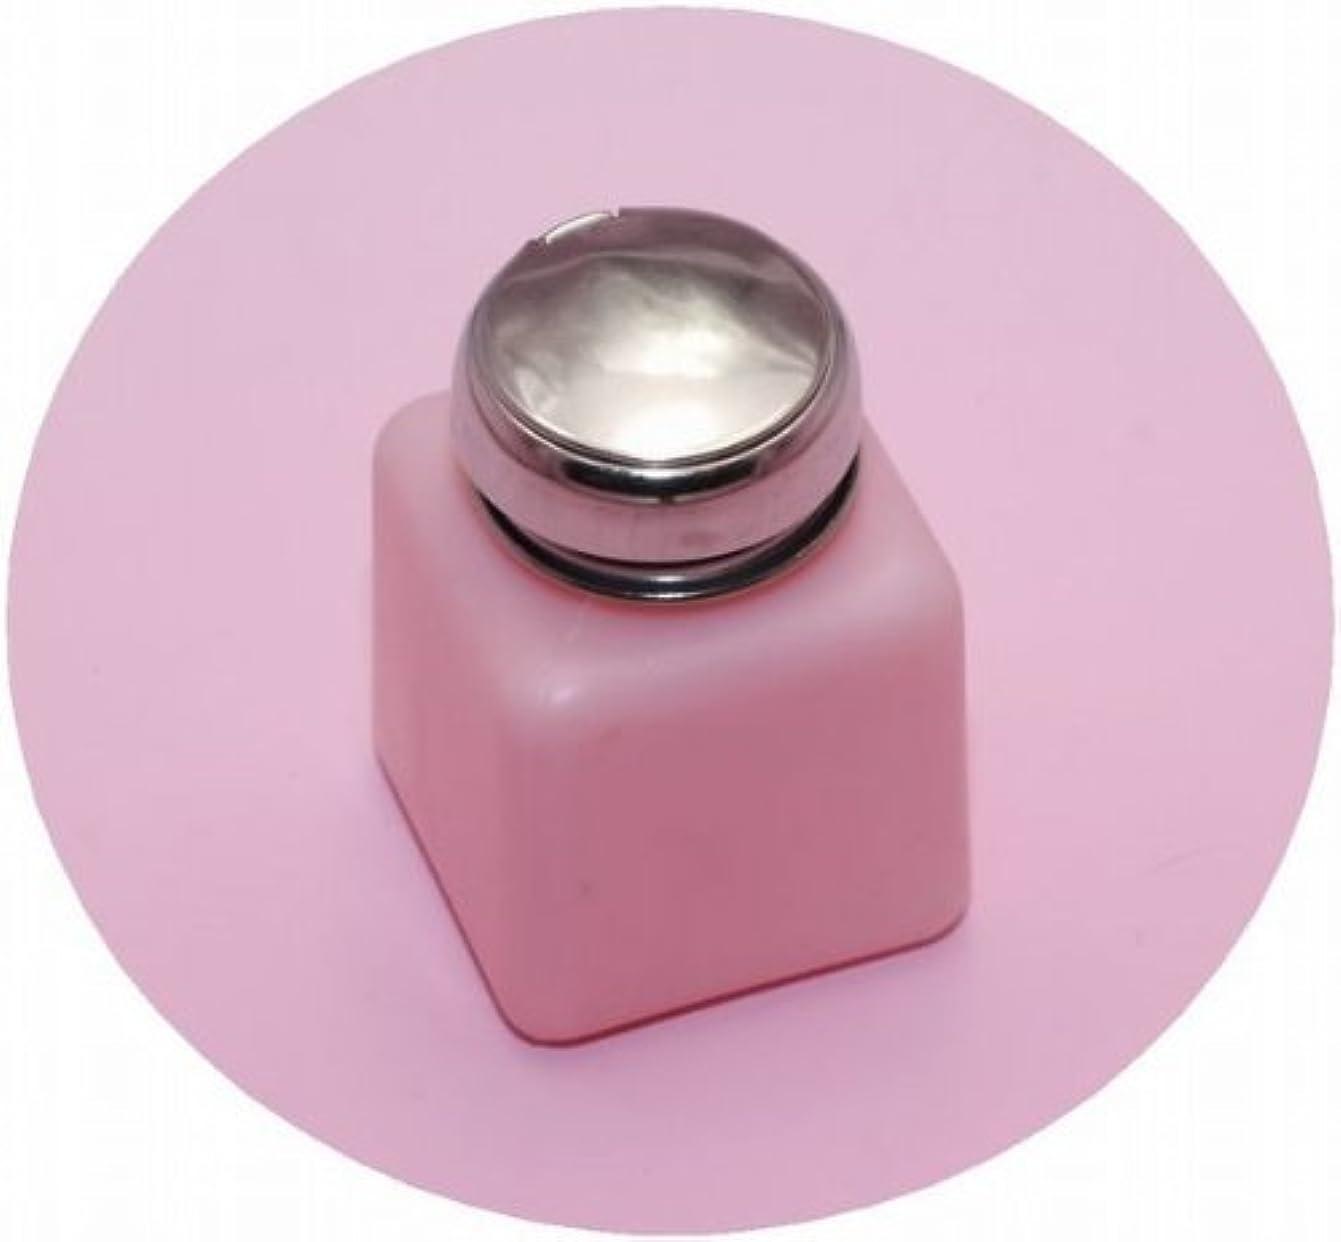 引き付けるエキスパートボックスネイル ポンプディスペンサー (S, ピンク)